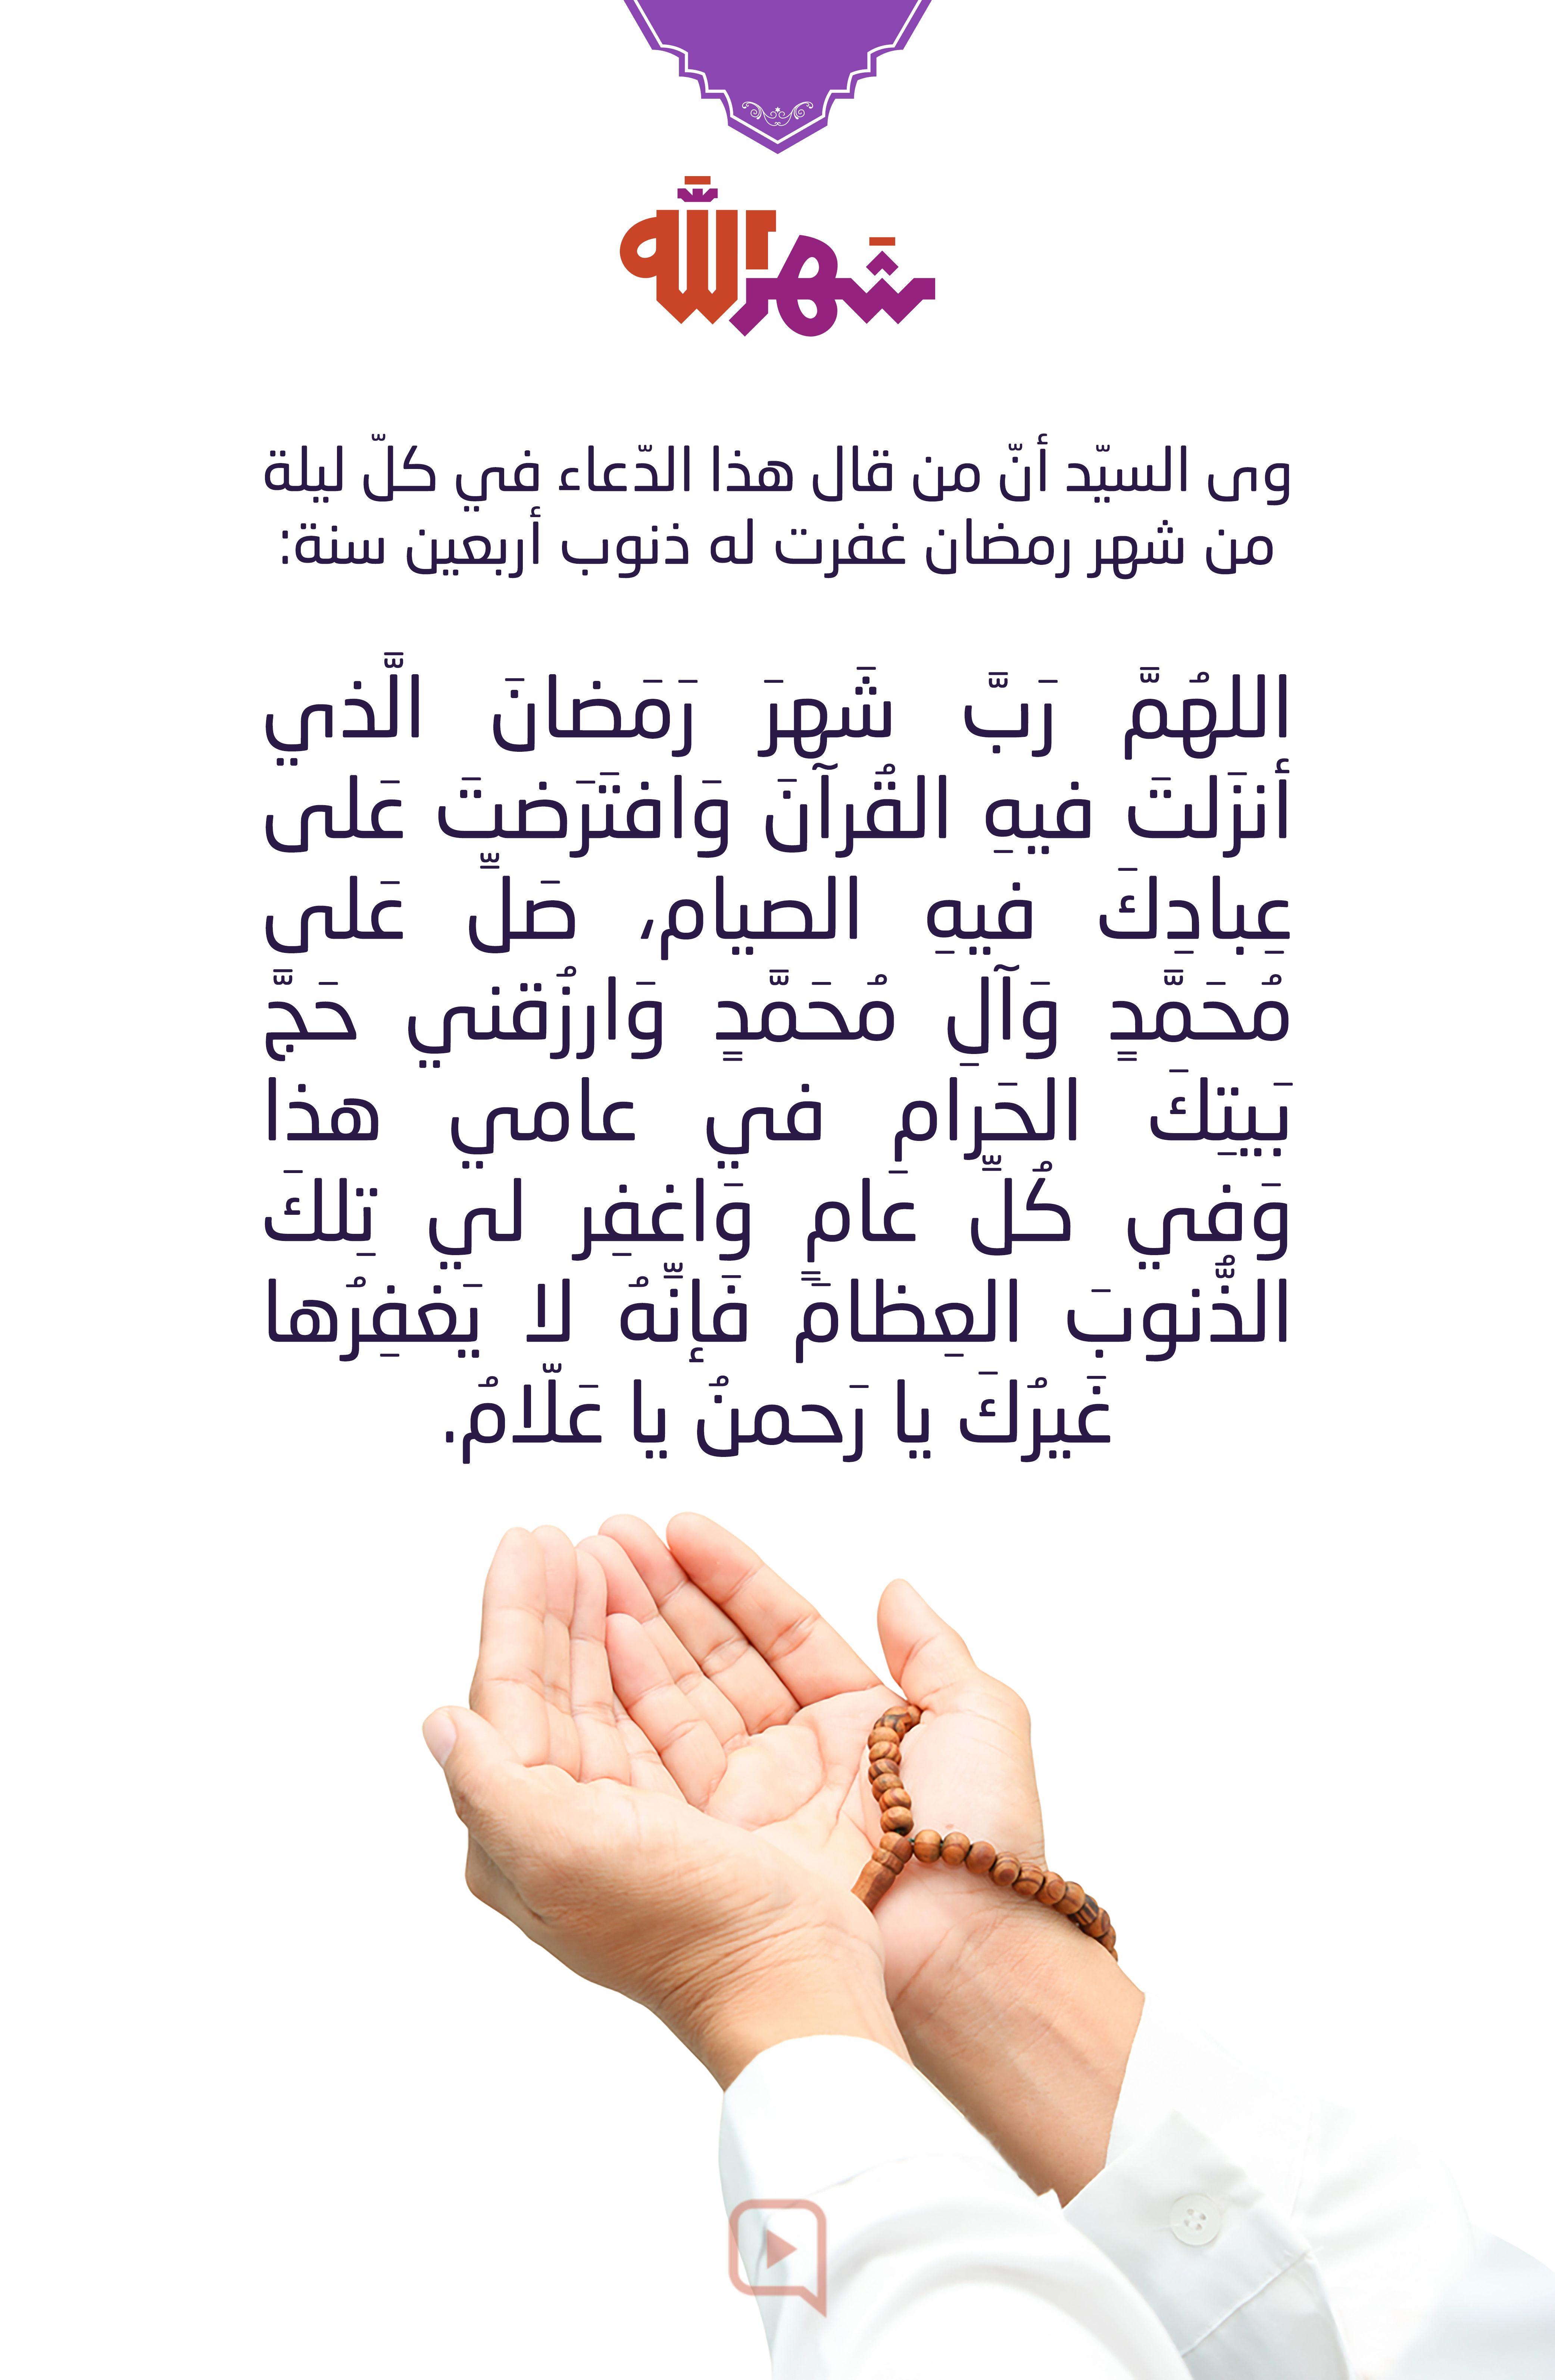 دعاء يومي في شهر رمضان Islamic Information Funny Jokes Words